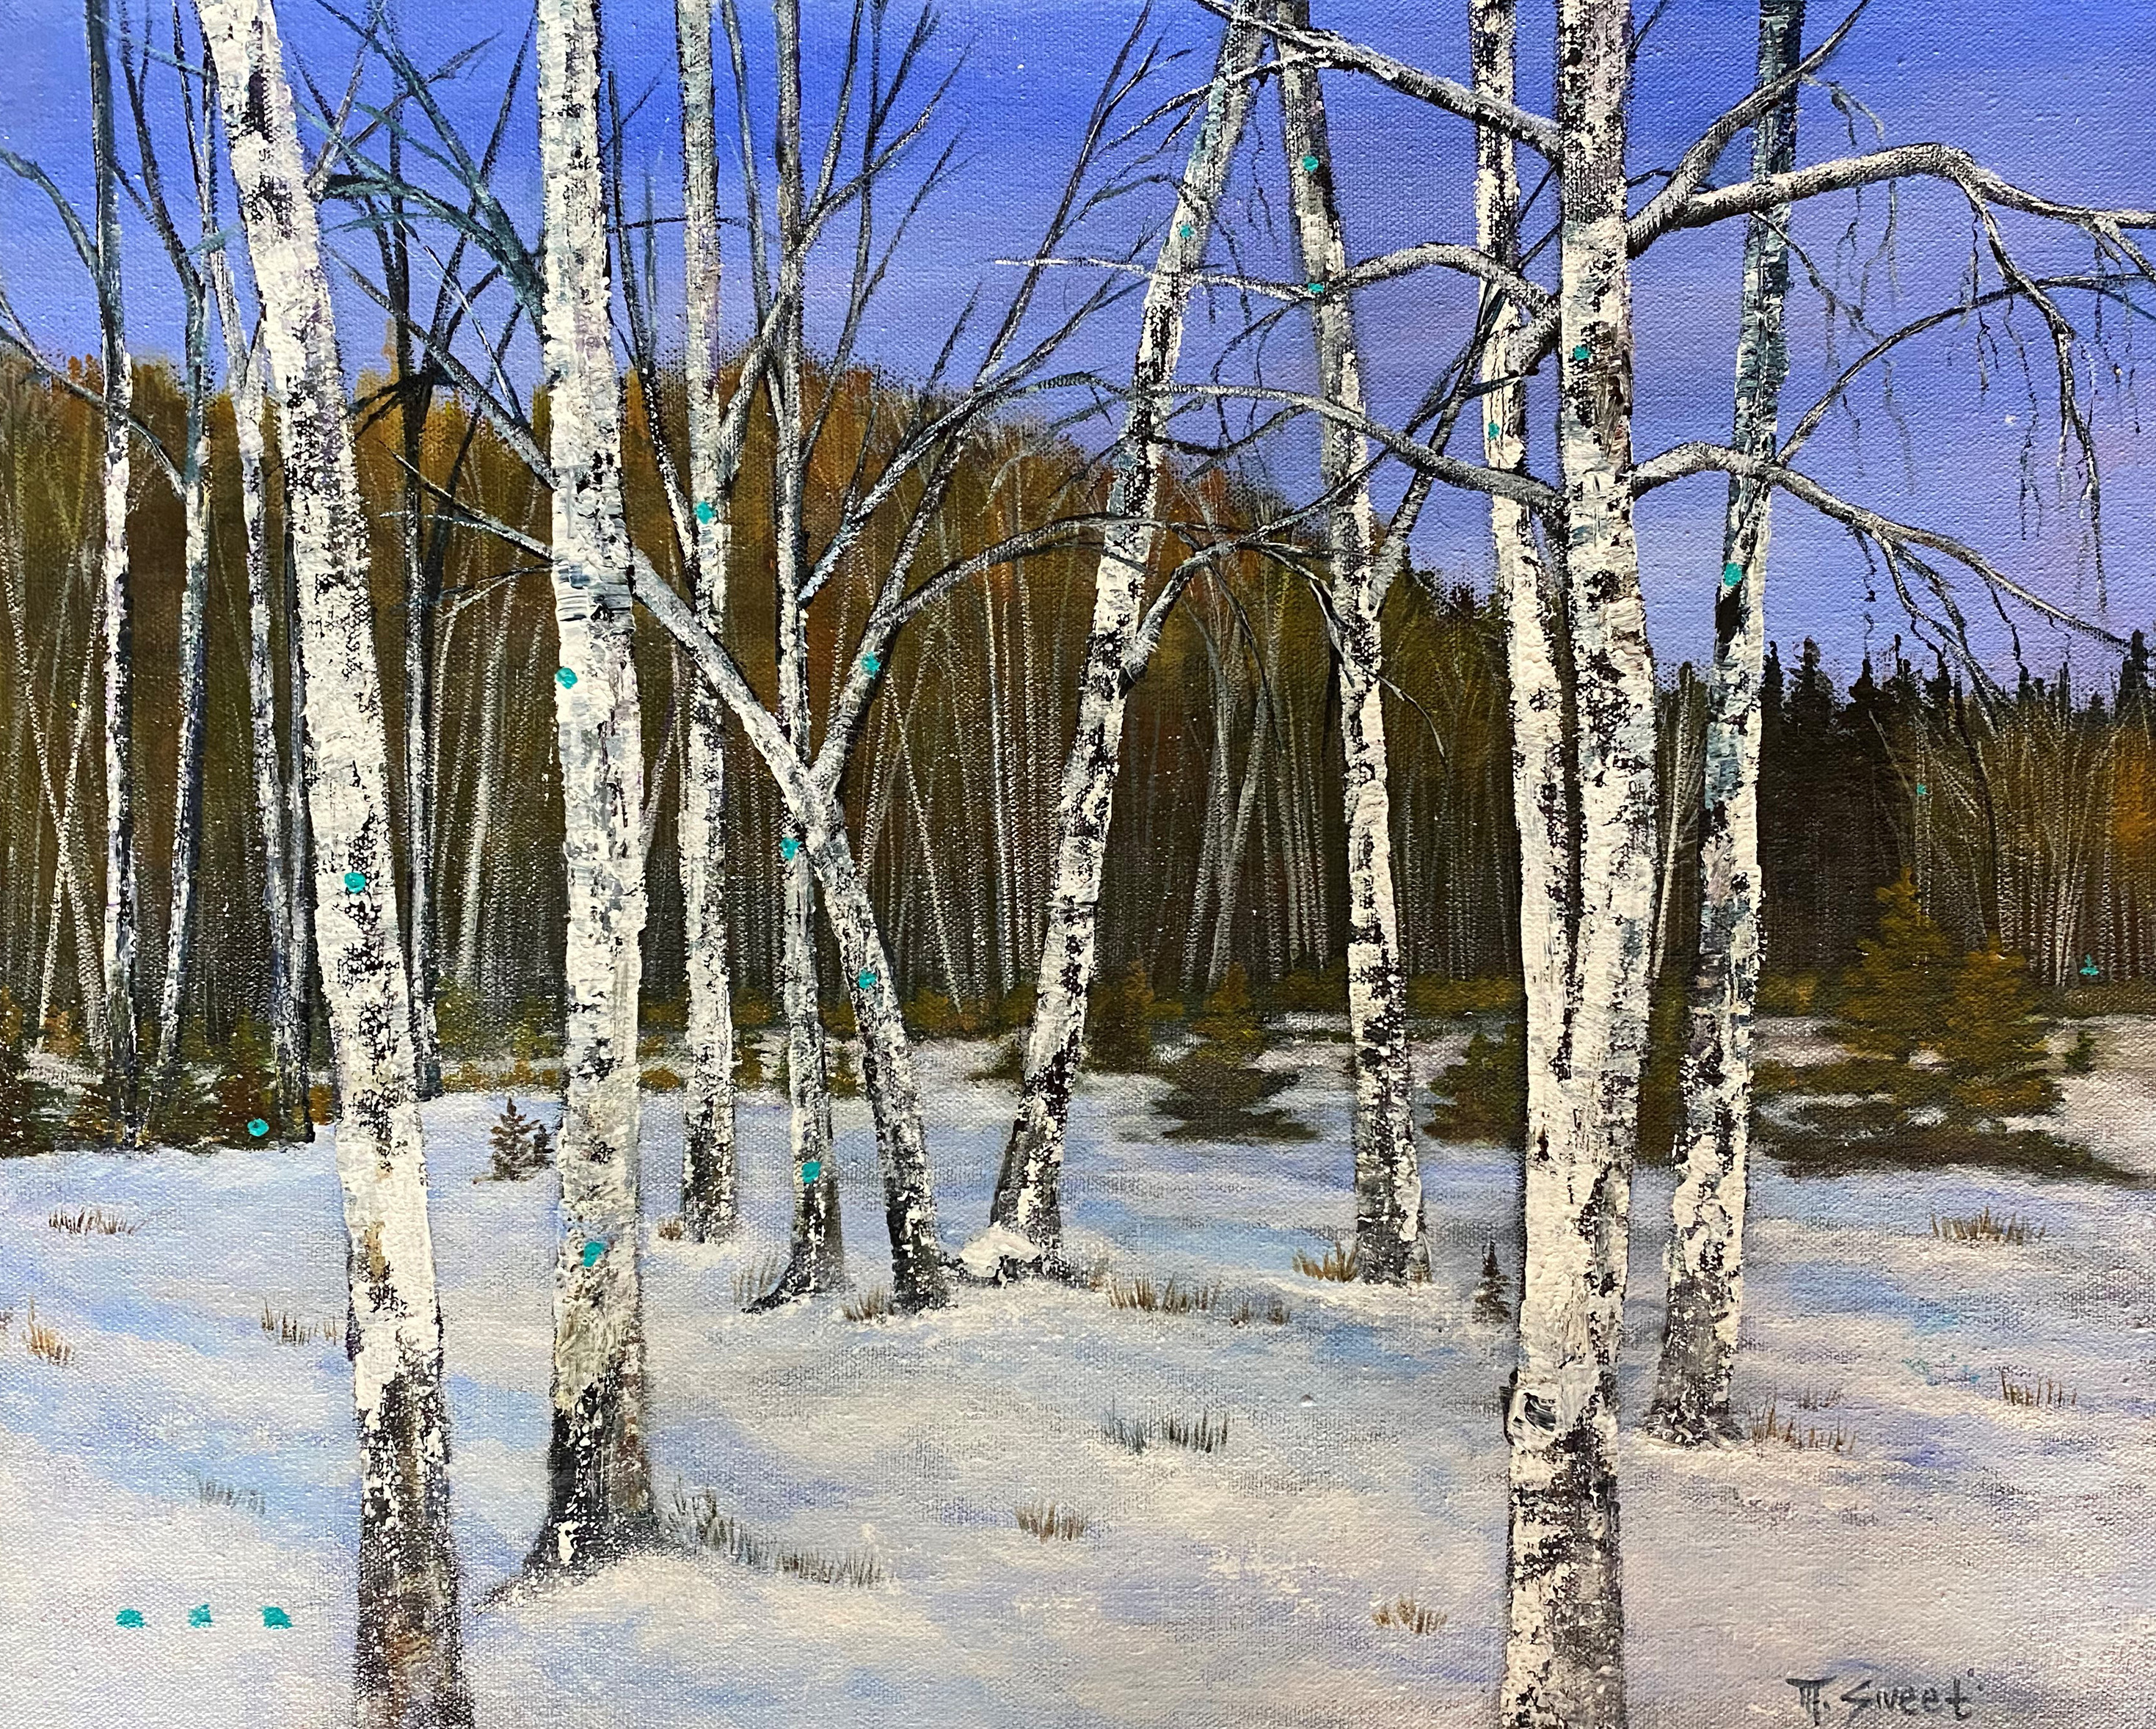 Winterforest karwvx